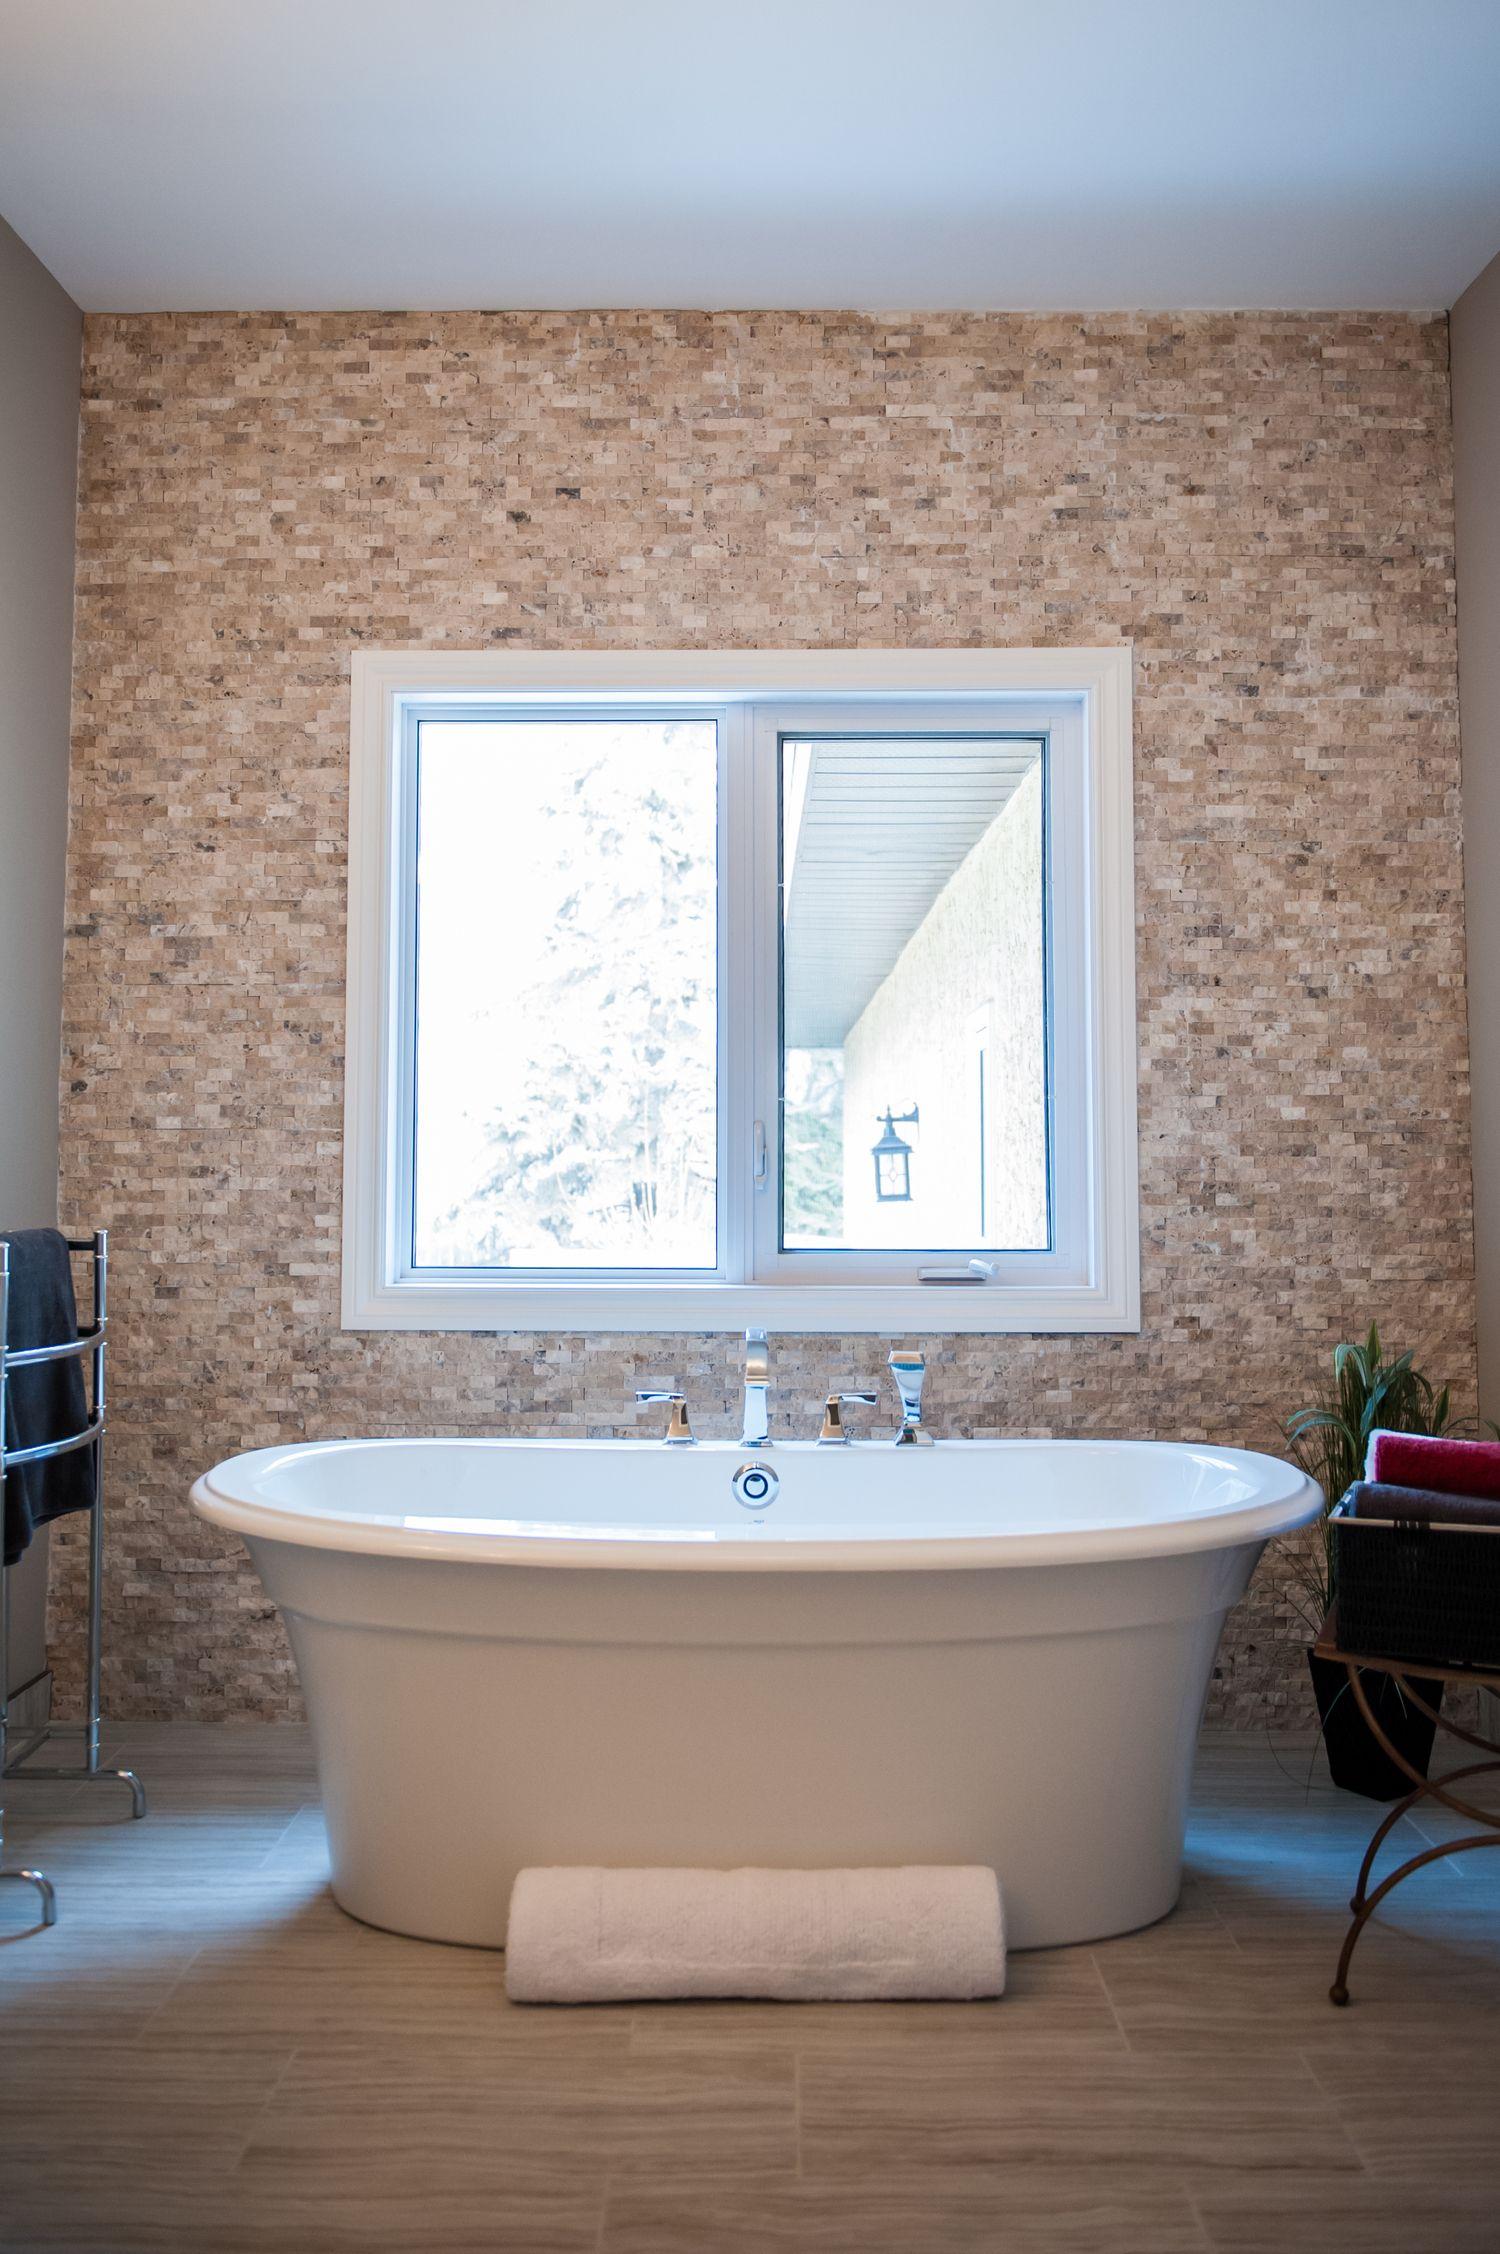 Portfolio Revolving Rooms Interior Design Inc Bathroom Remodel Small Diy Bathrooms Remodel Small Bathroom Remodel Half tiled bathroom window